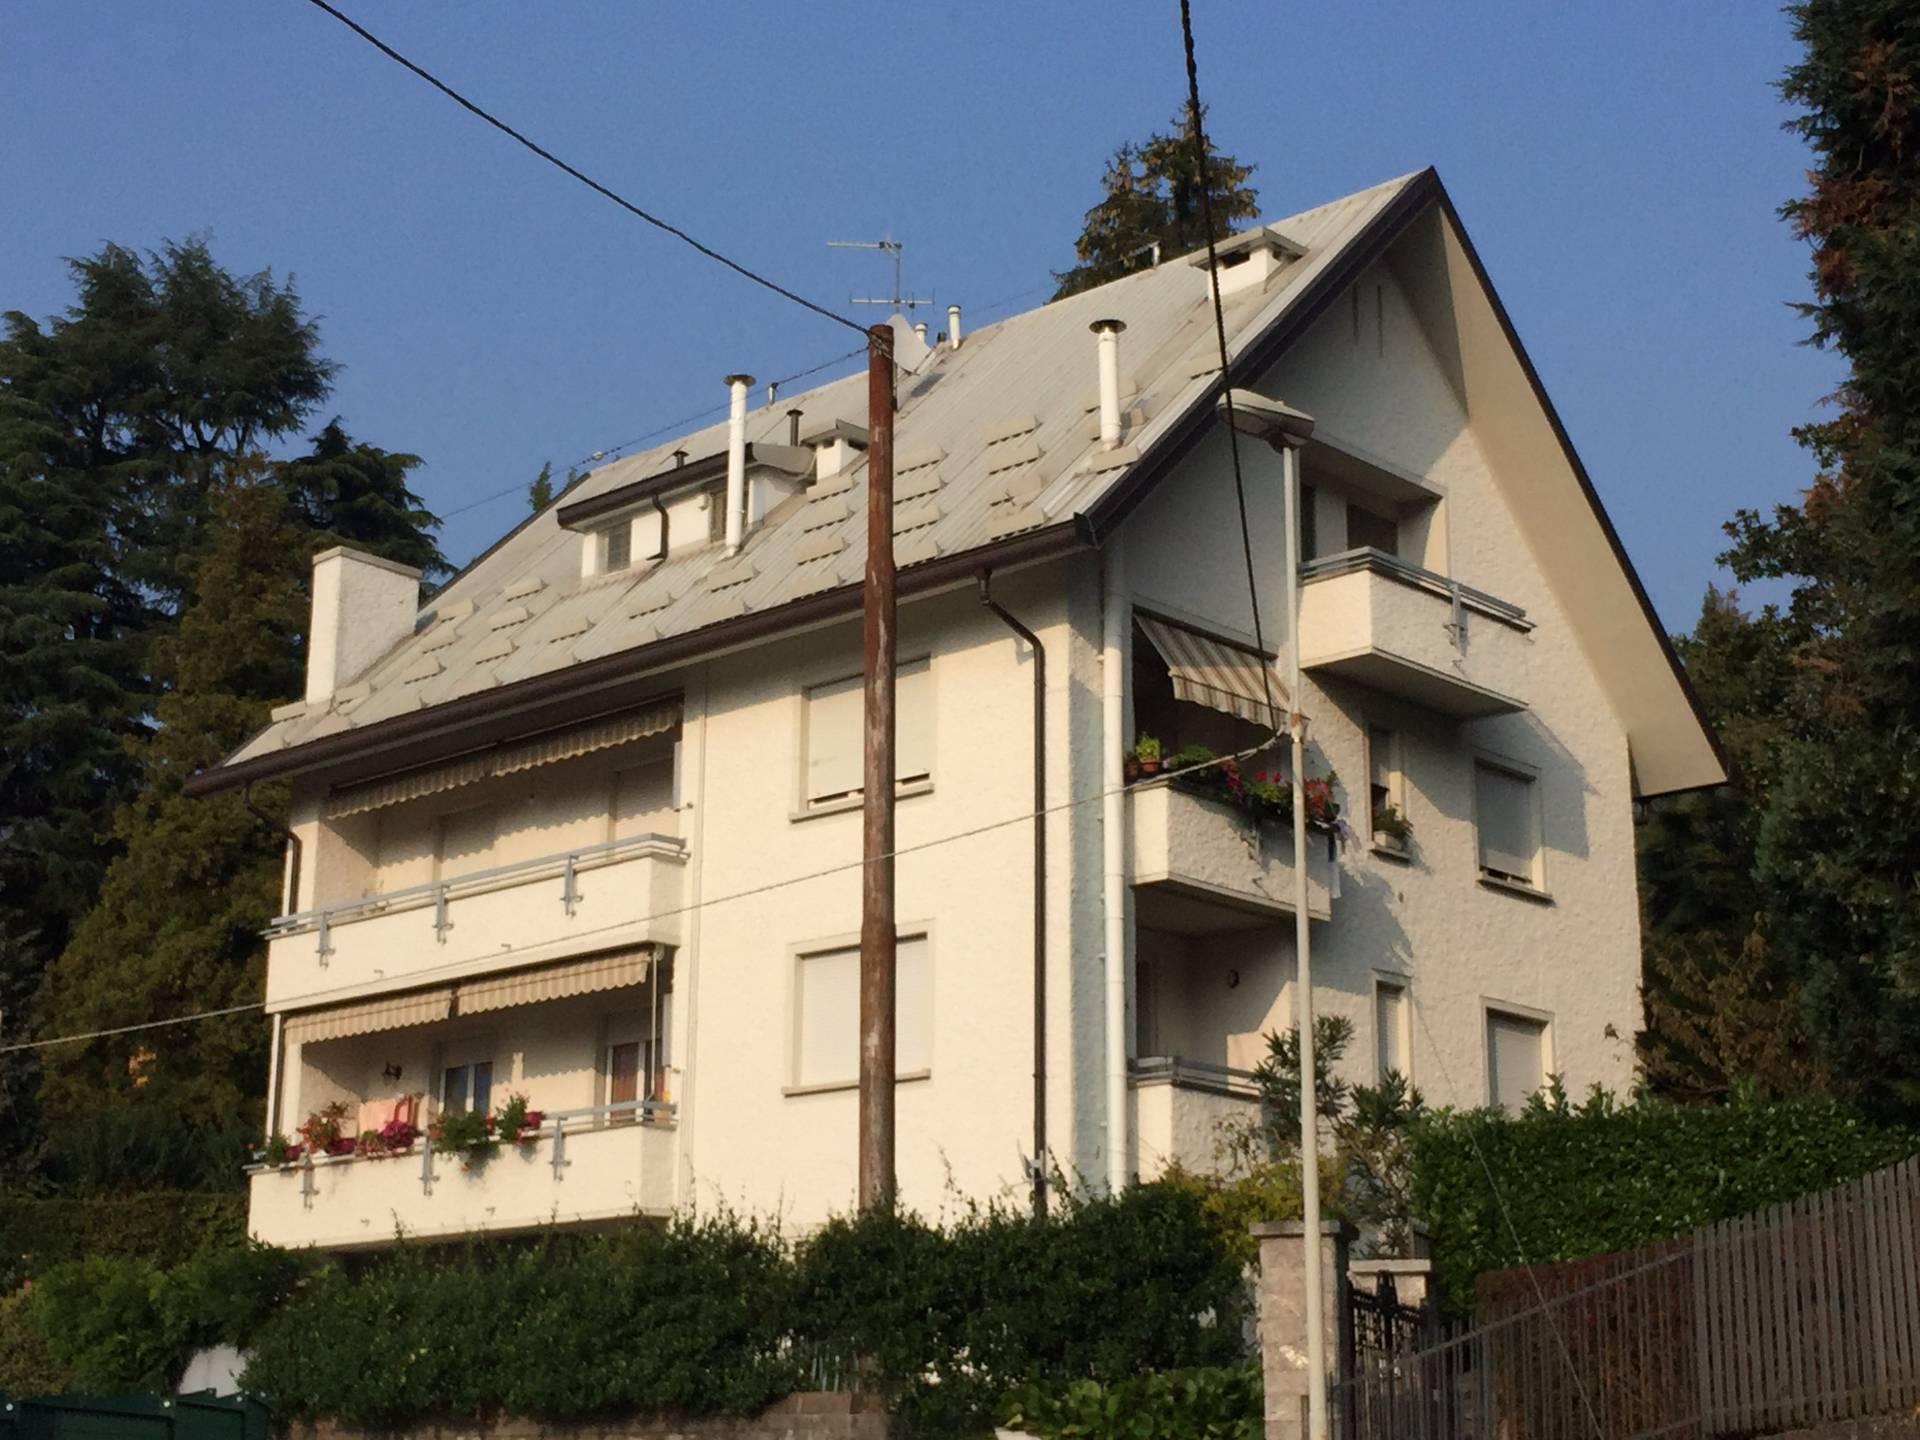 Appartamento in vendita a Canzo, 3 locali, prezzo € 130.000 | CambioCasa.it